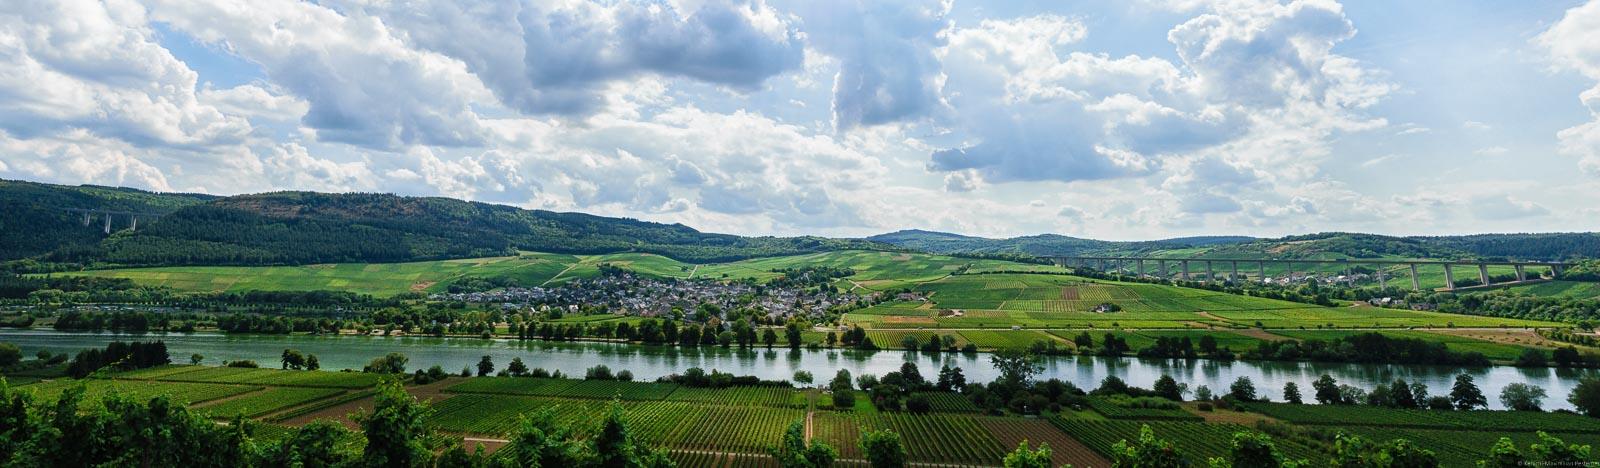 In der Ebenen fließt die Mosel. In der Mitte liegt der Ort Riol. Rund herum liegen Weinberge. Einer der Weinberge ist der Rioler Römerberg.